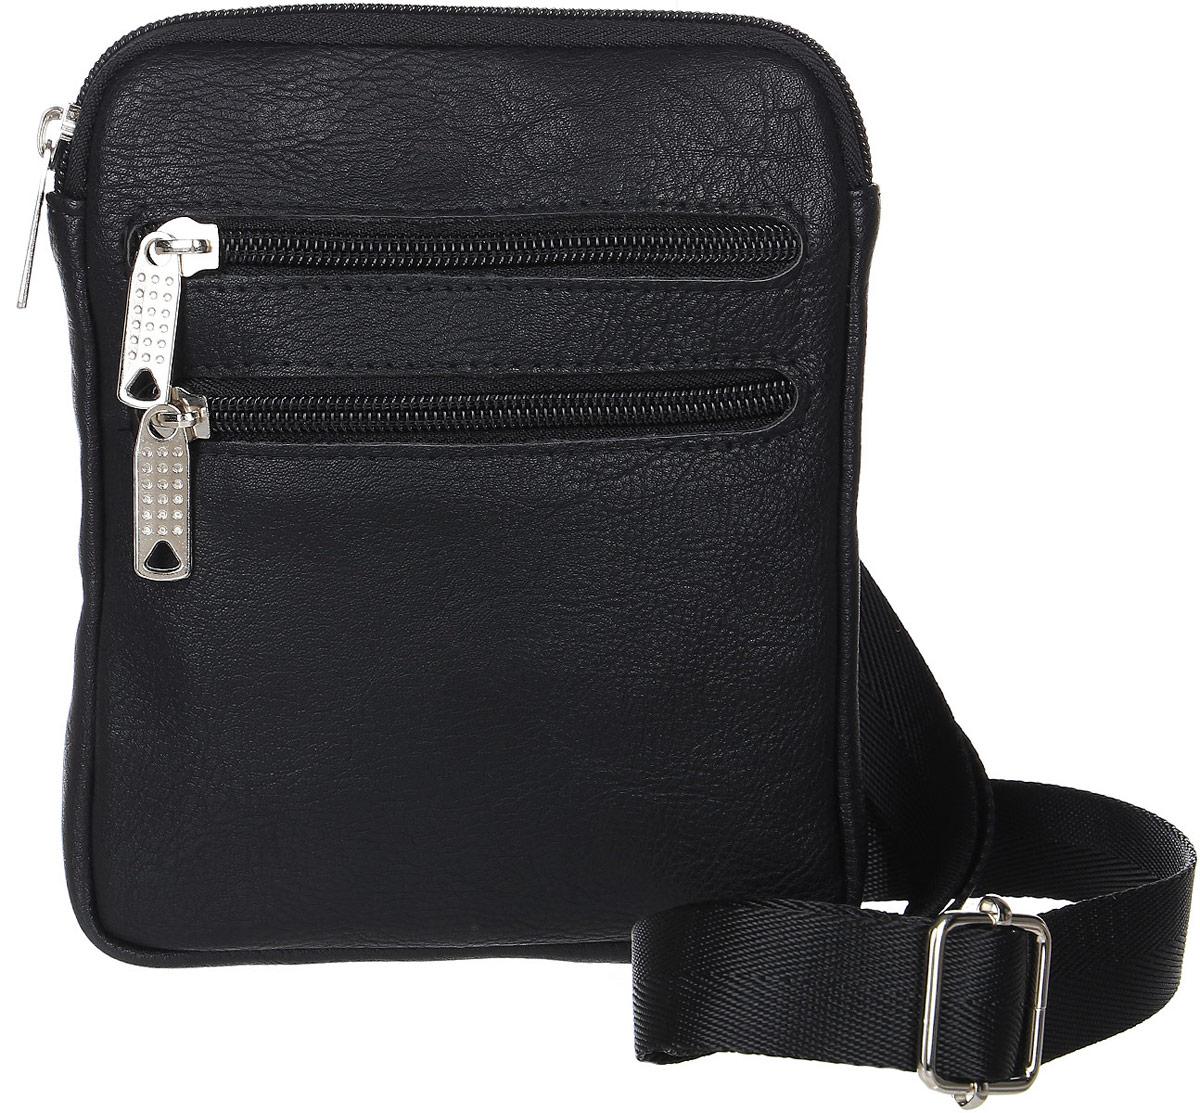 Сумка мужская Аntan, цвет: черный. 4670018861281BM8434-58AEСтильная мужская сумка Аntan выполнена из искусственной кожи. Сумка имеет одно основное отделение, закрывающееся на застежку-молнию. Внутри модель имеет прорезной карман на застежке-молнии и накладной открытый карман. Задняя и передняя сторона сумки дополнены врезными карманами на молнии. Изделие оснащено плечевым ремнем.